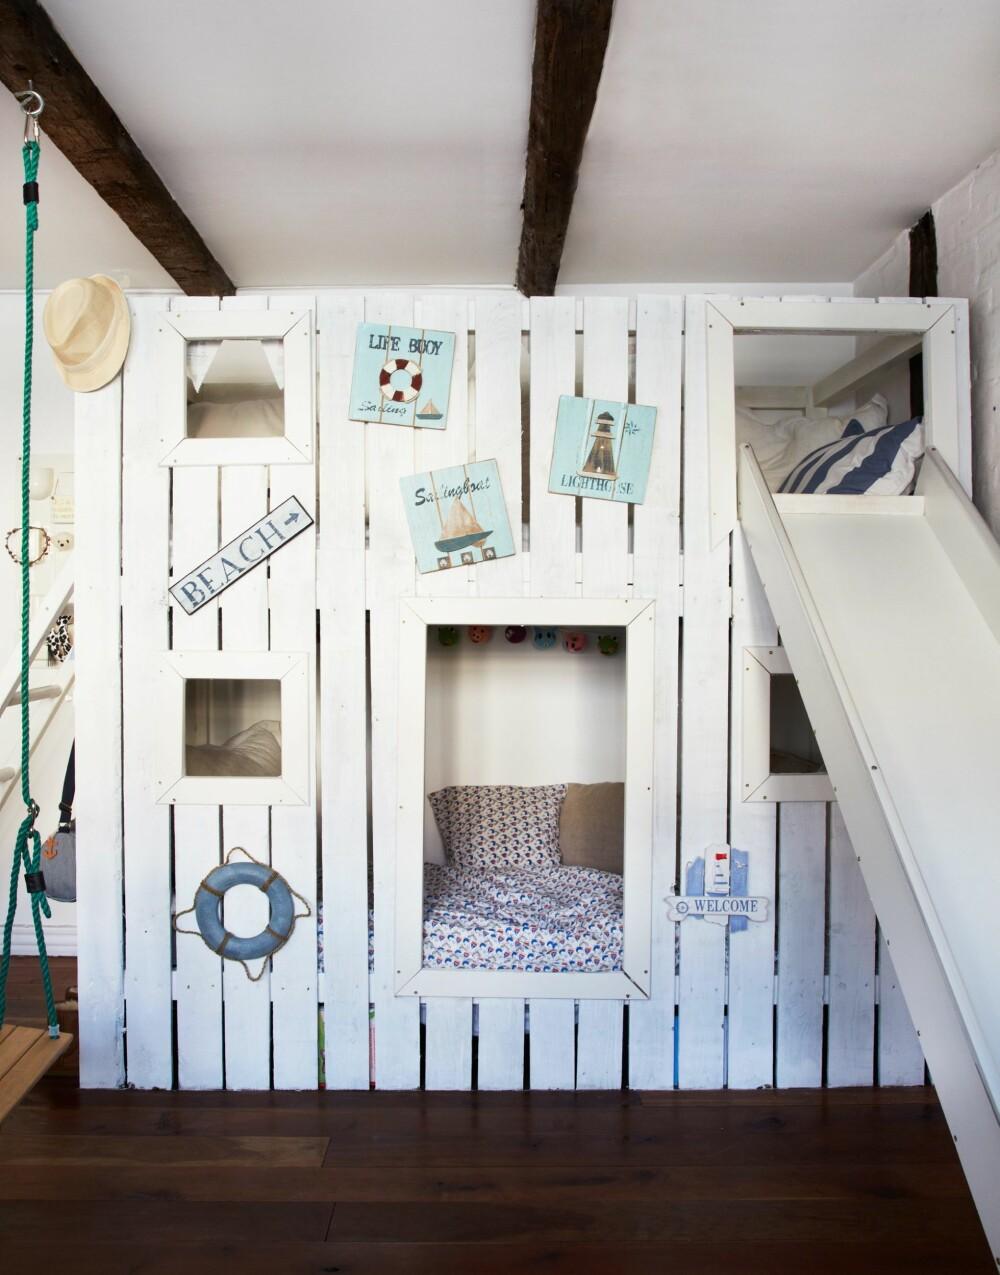 BEACHHOUSE: I den ene enden av sengen er det laget en stige opp til den øverste sengen, mens en rutsjebane i den andre enden gjør det til en lek å stå opp om morgenen. Hele rommet er innredet med maritime innslag. FOTO: Anitta Behrendt